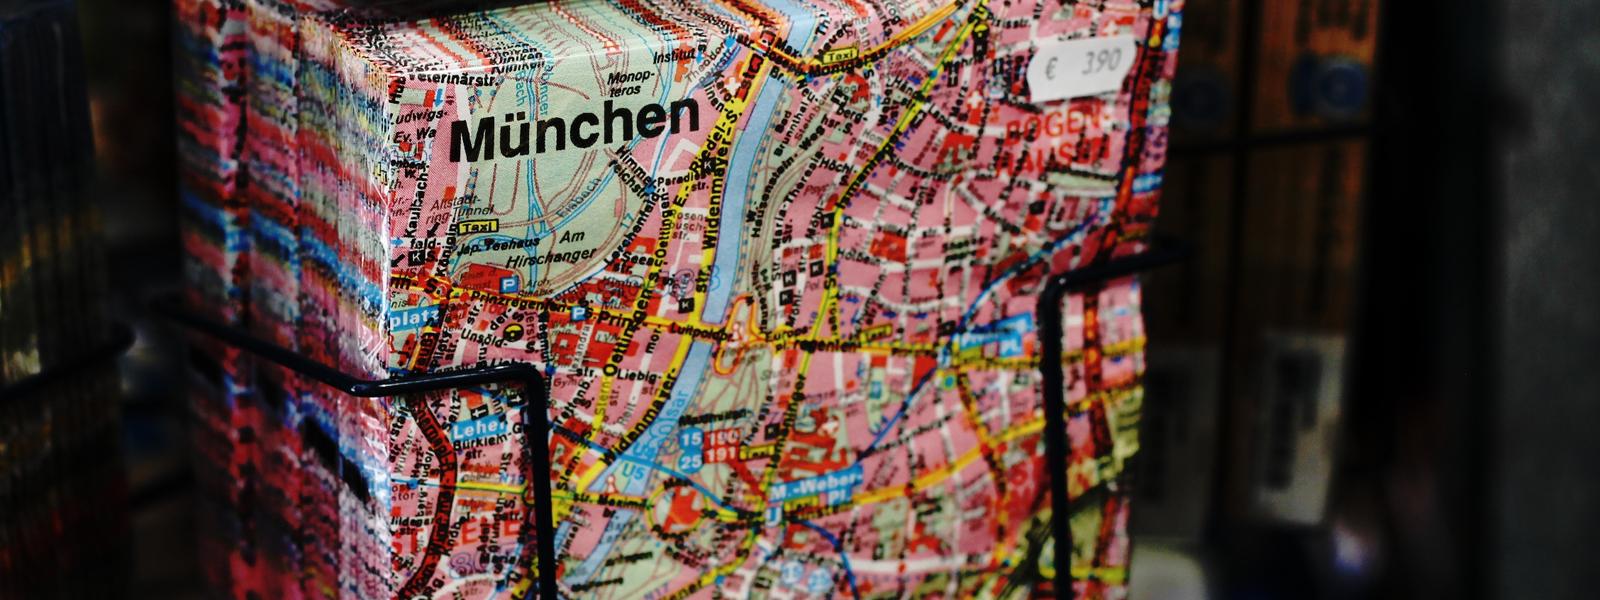 munich_header_image